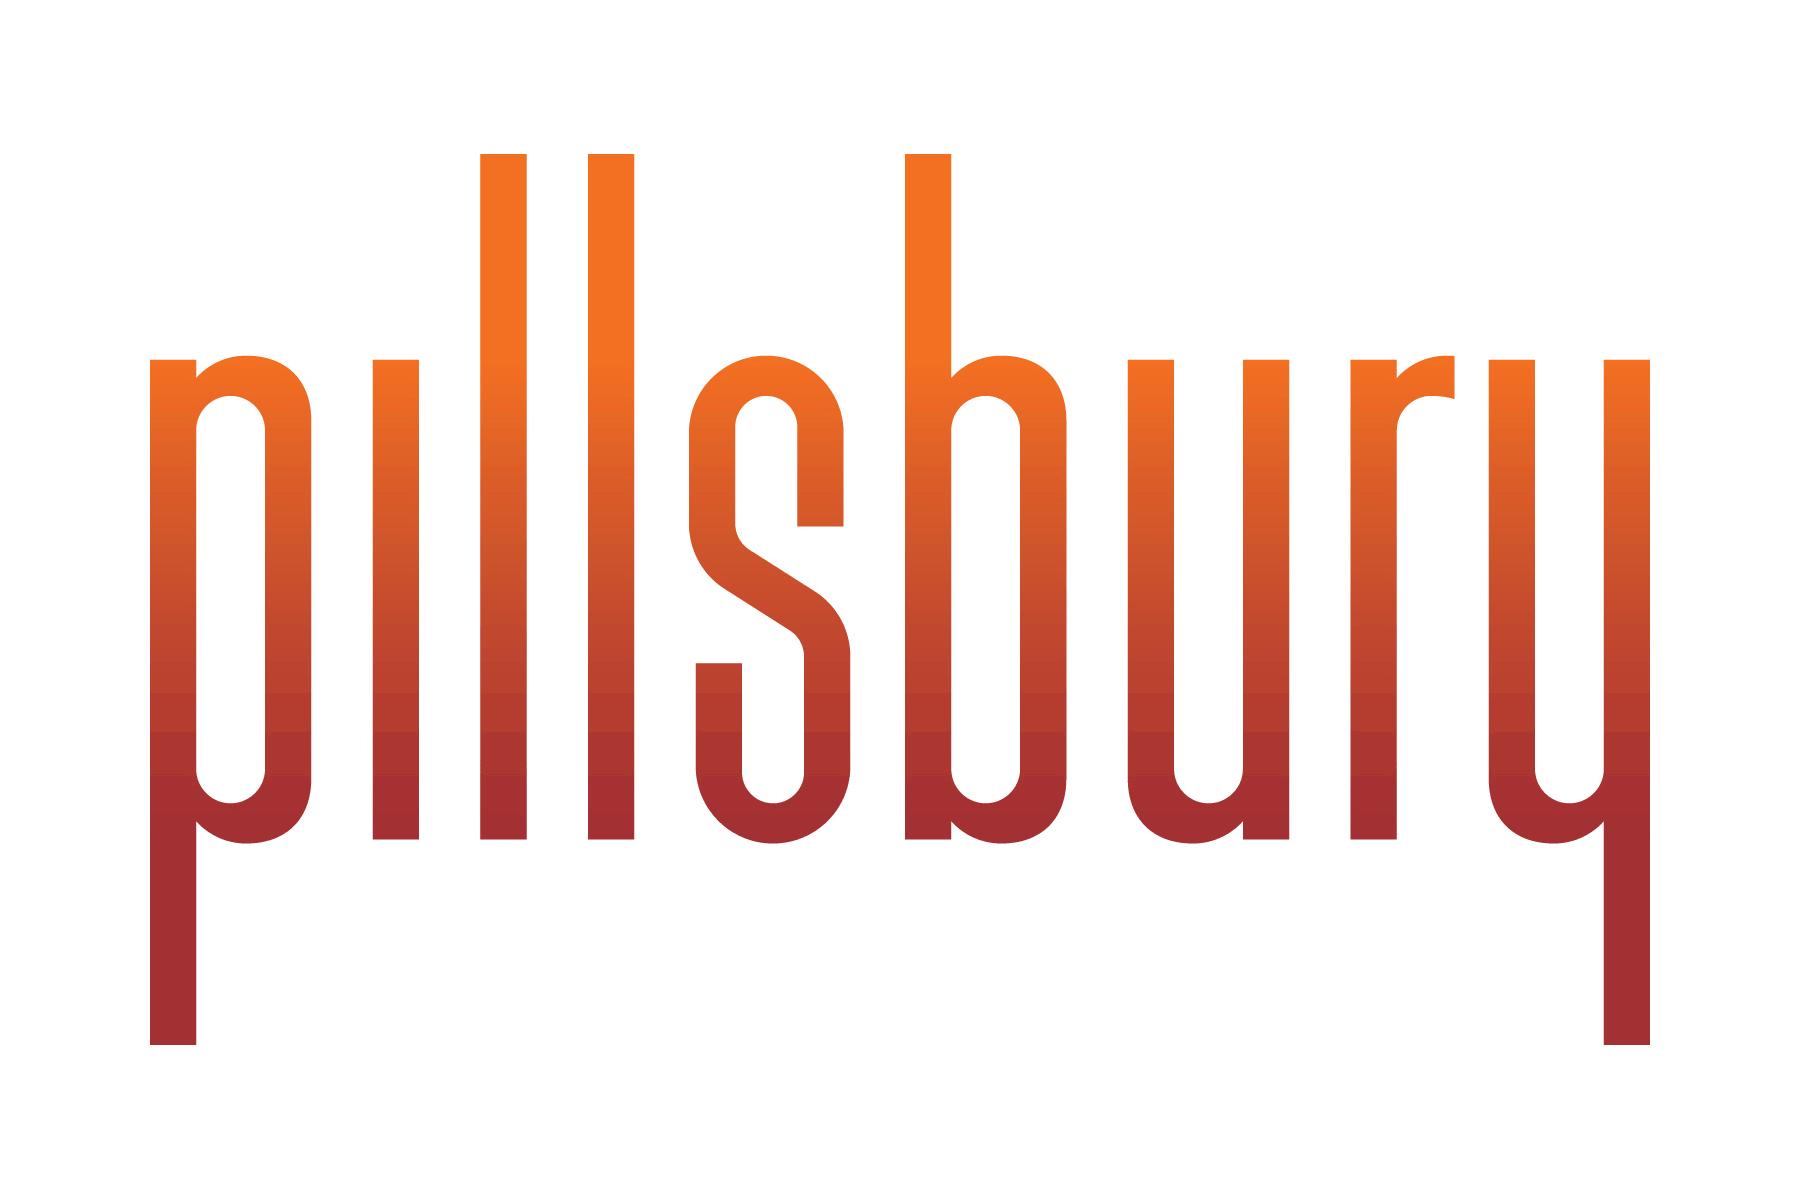 Pillsbury-1800x